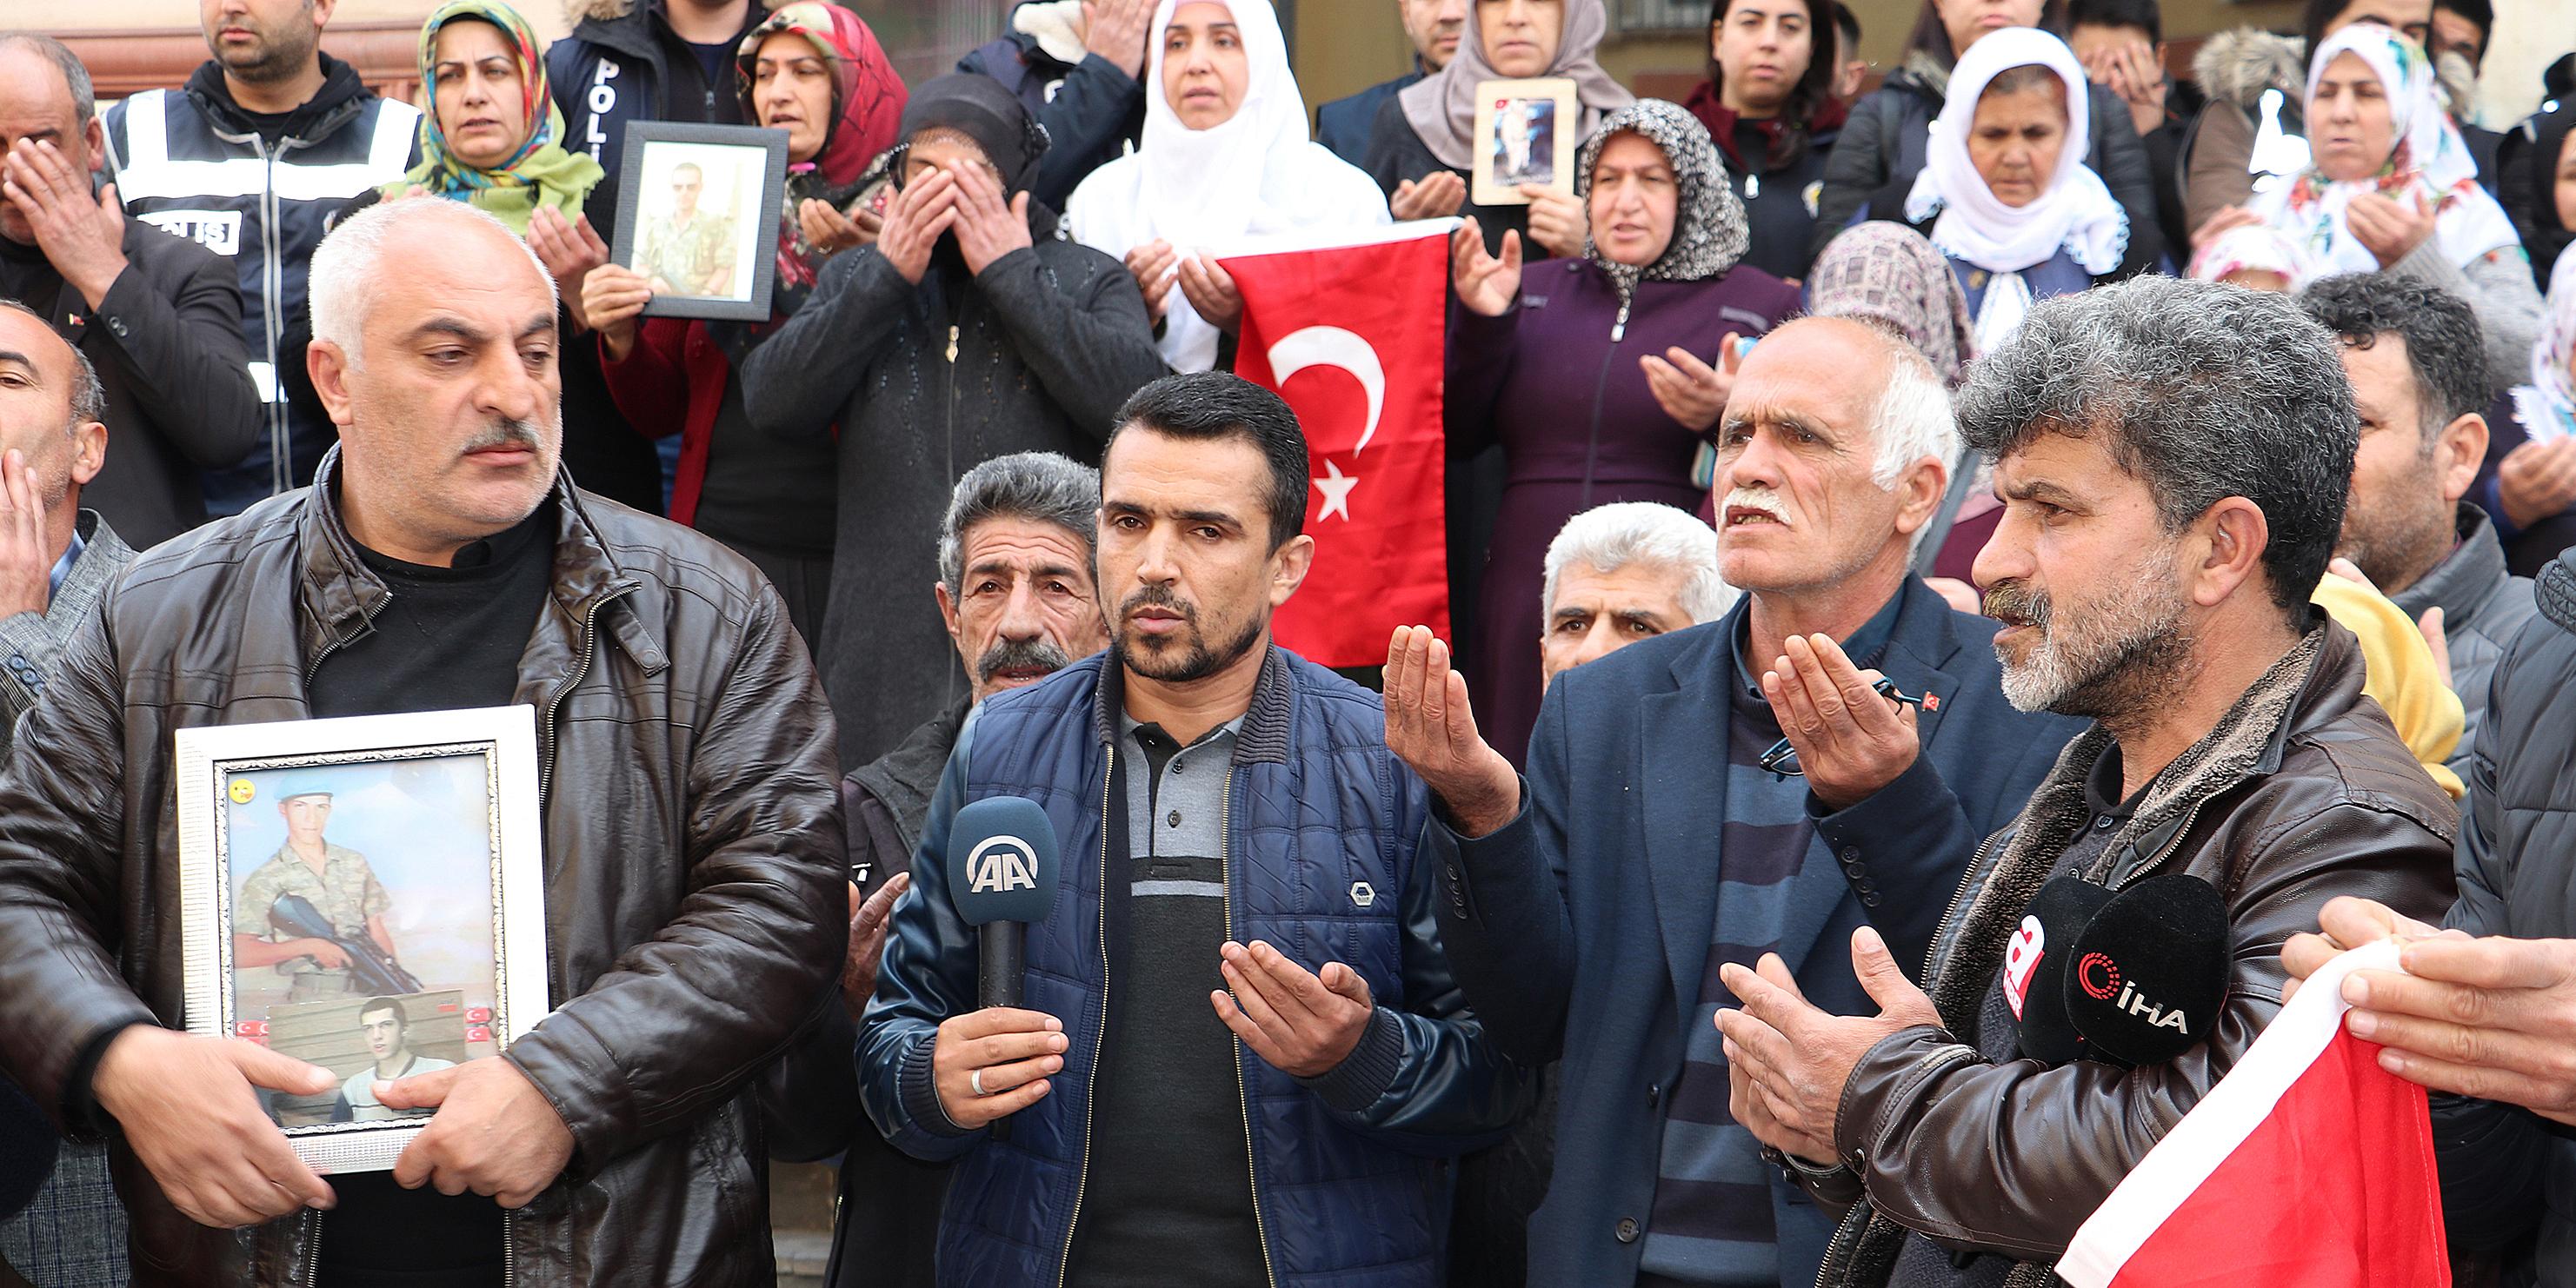 Evlat nöbetini sürdüren aileler İdlib saldırısını kınadı